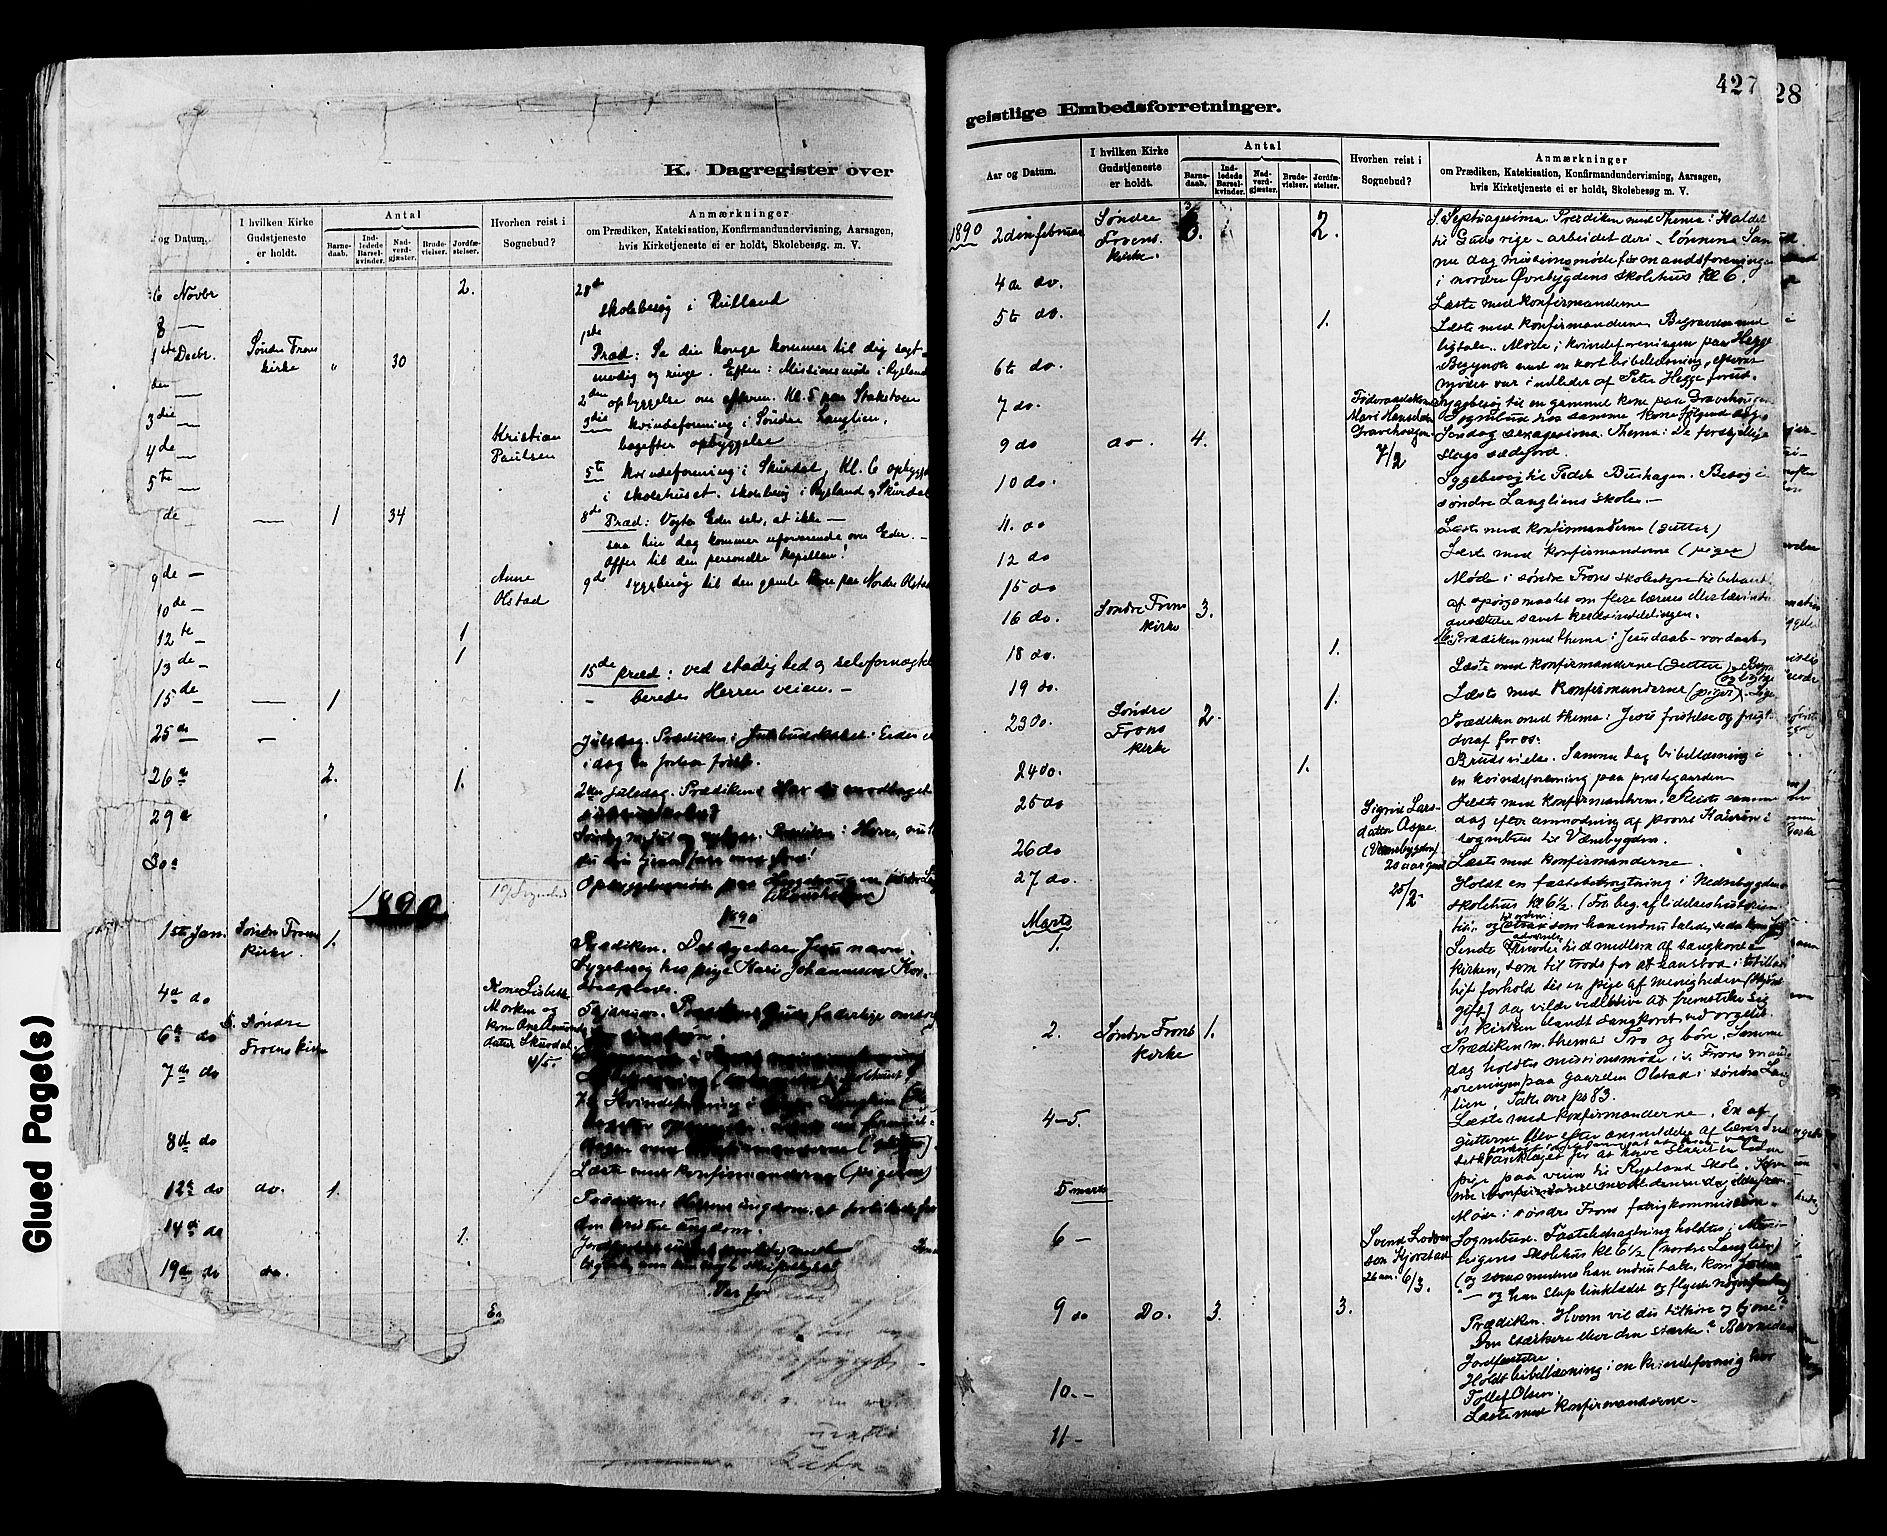 SAH, Sør-Fron prestekontor, H/Ha/Haa/L0003: Ministerialbok nr. 3, 1881-1897, s. 427